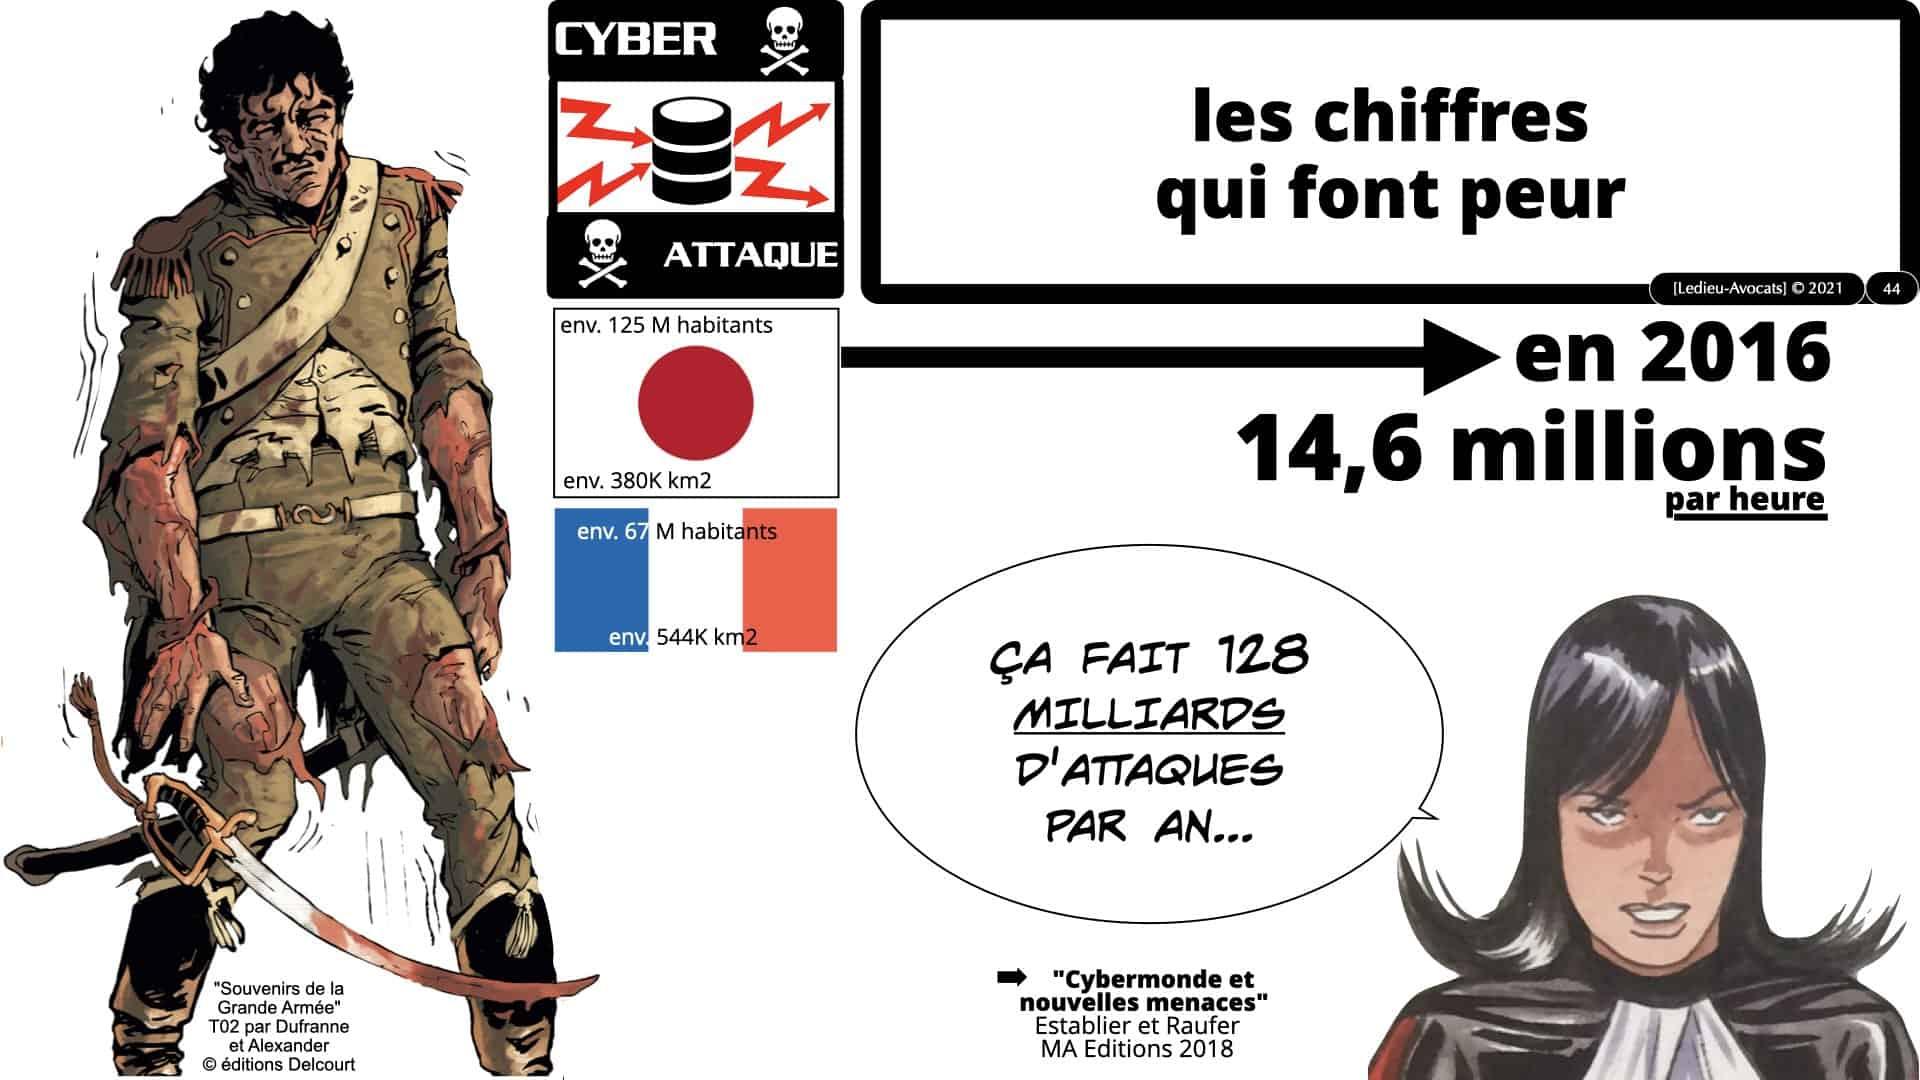 330 CYBER ATTAQUE © Ledieu-Avocats 09-03-2021.044